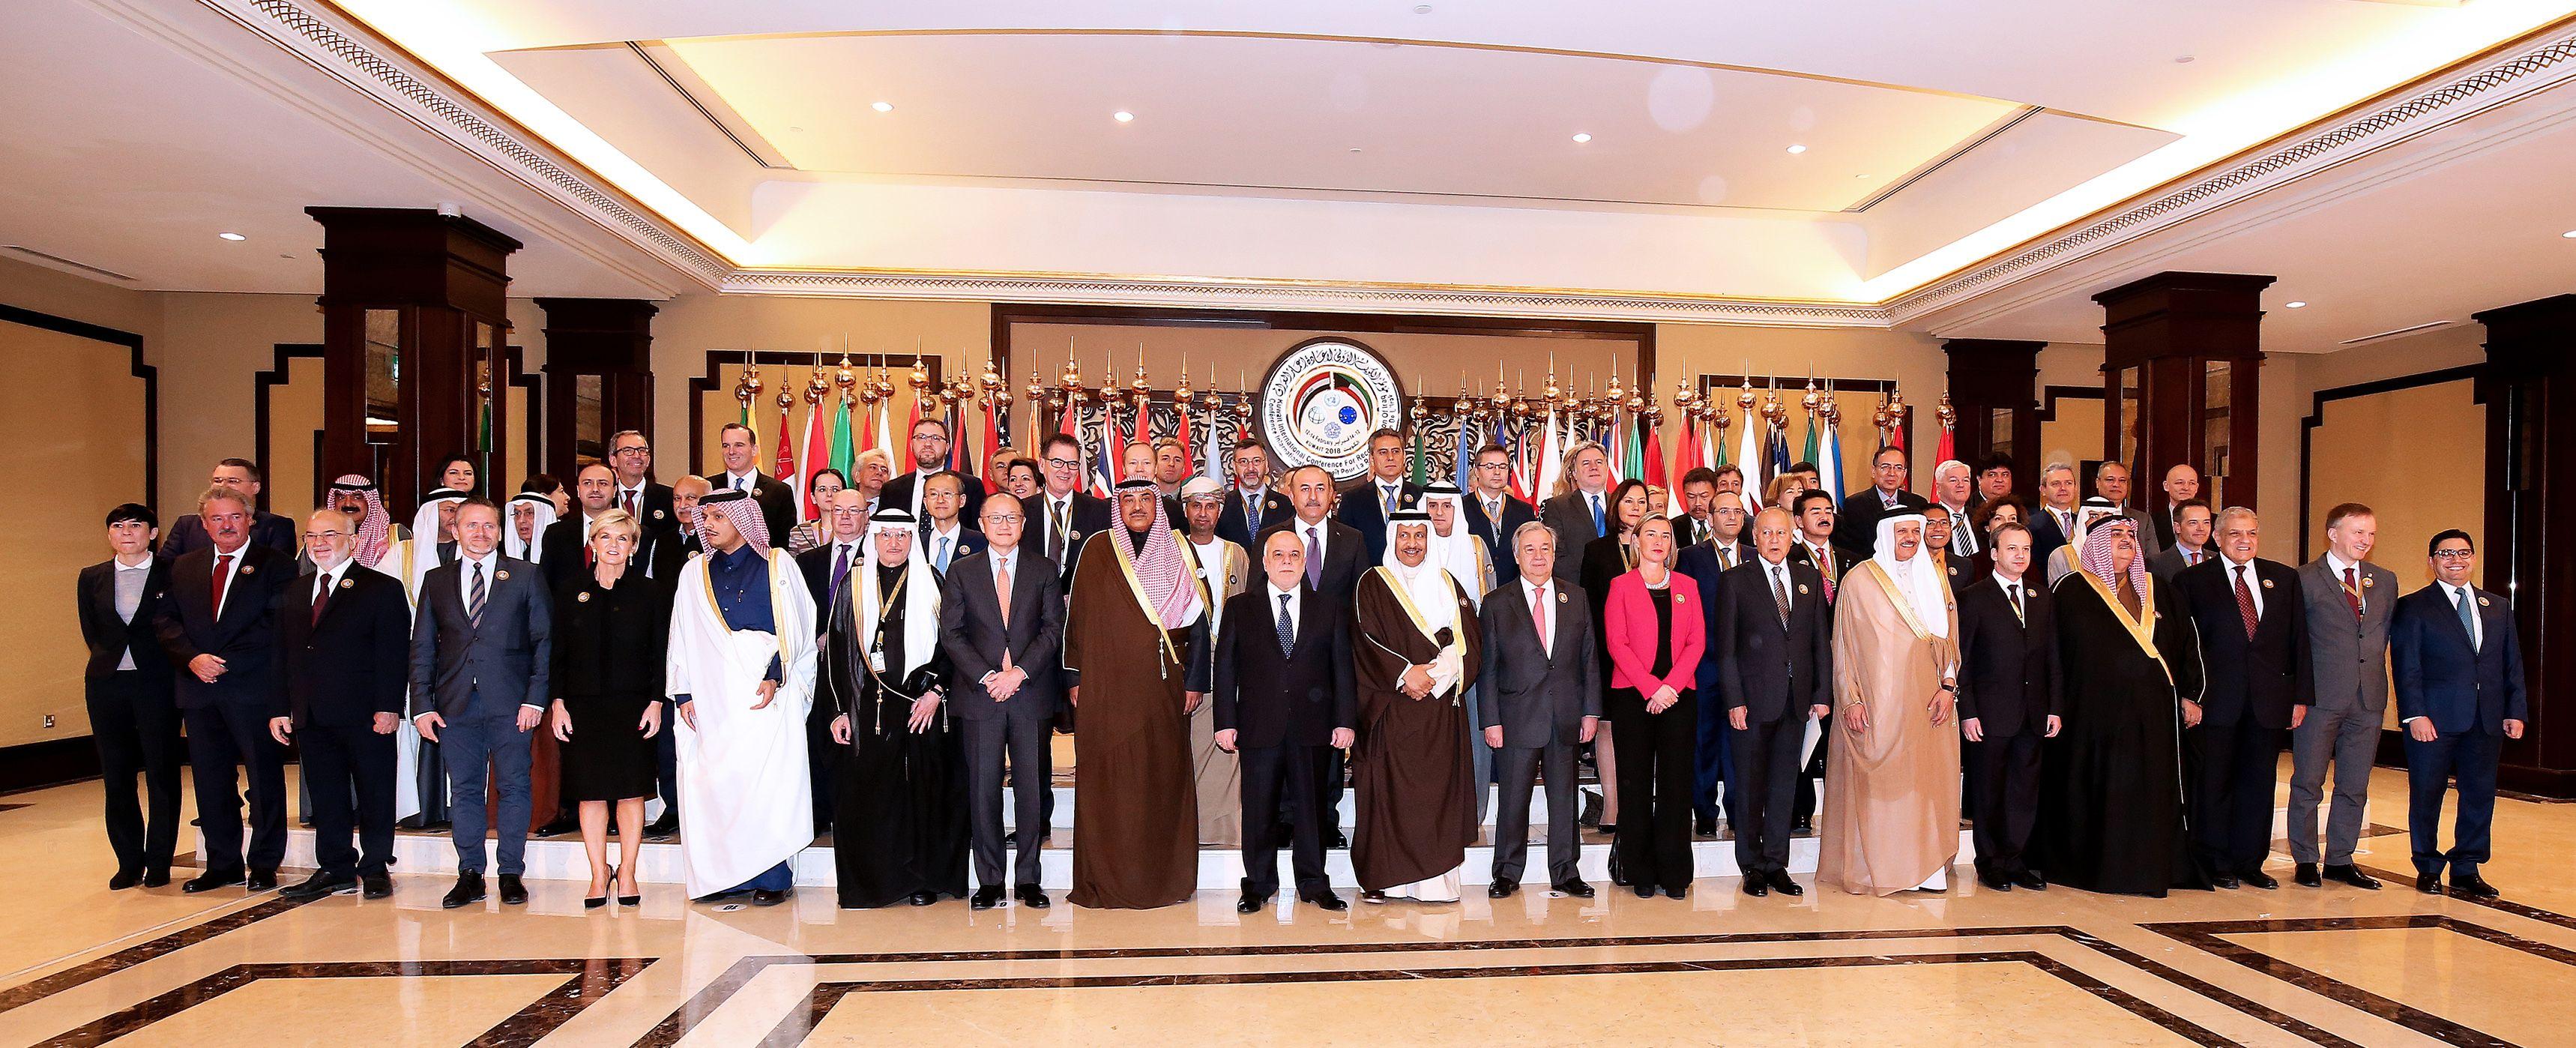 صورة مجمعة للمؤتمر الدولى